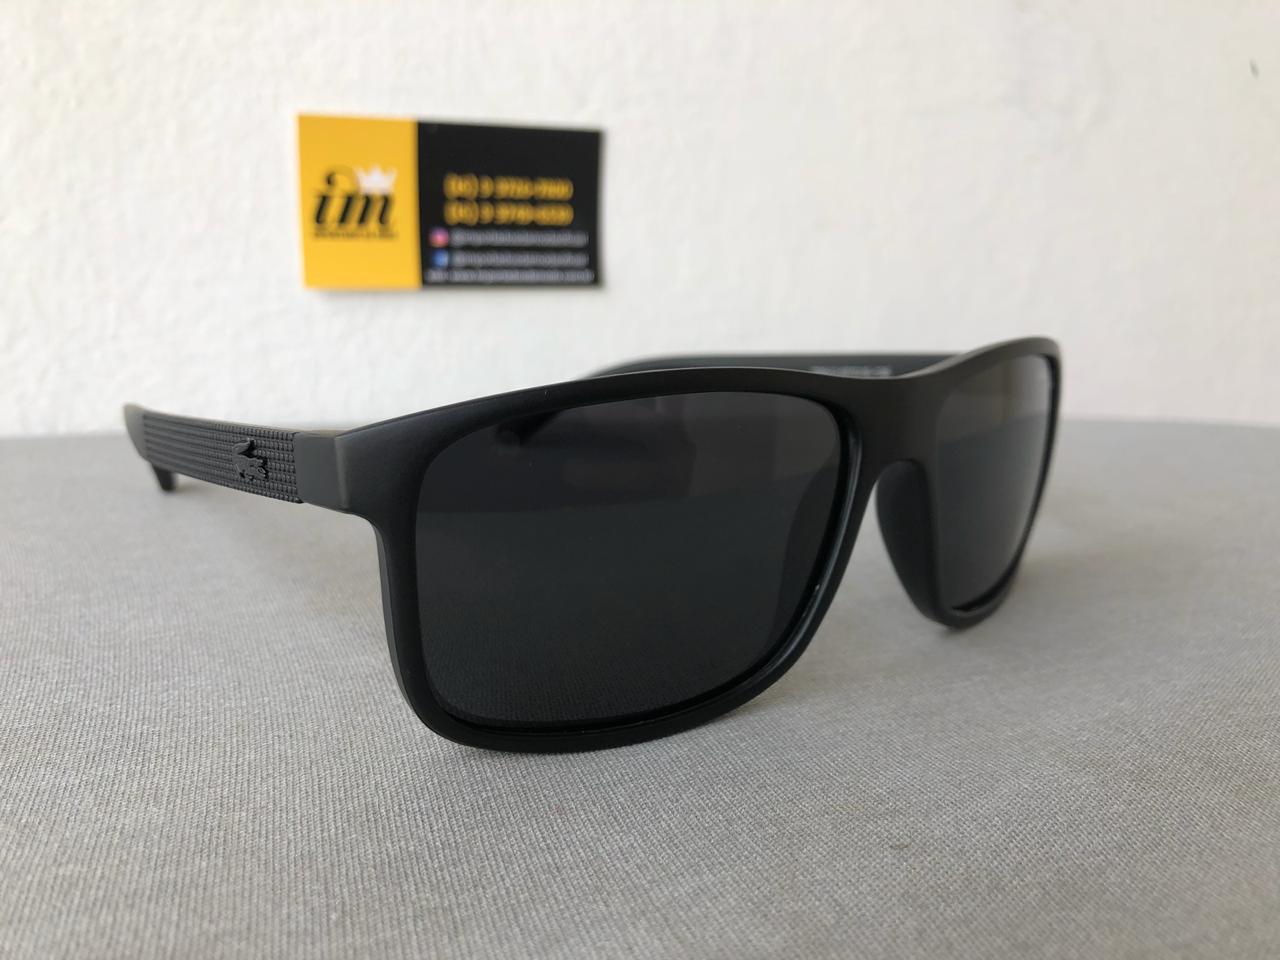 5267a75c0 Oculos de Sol Lacoste Replica Primeira Linha